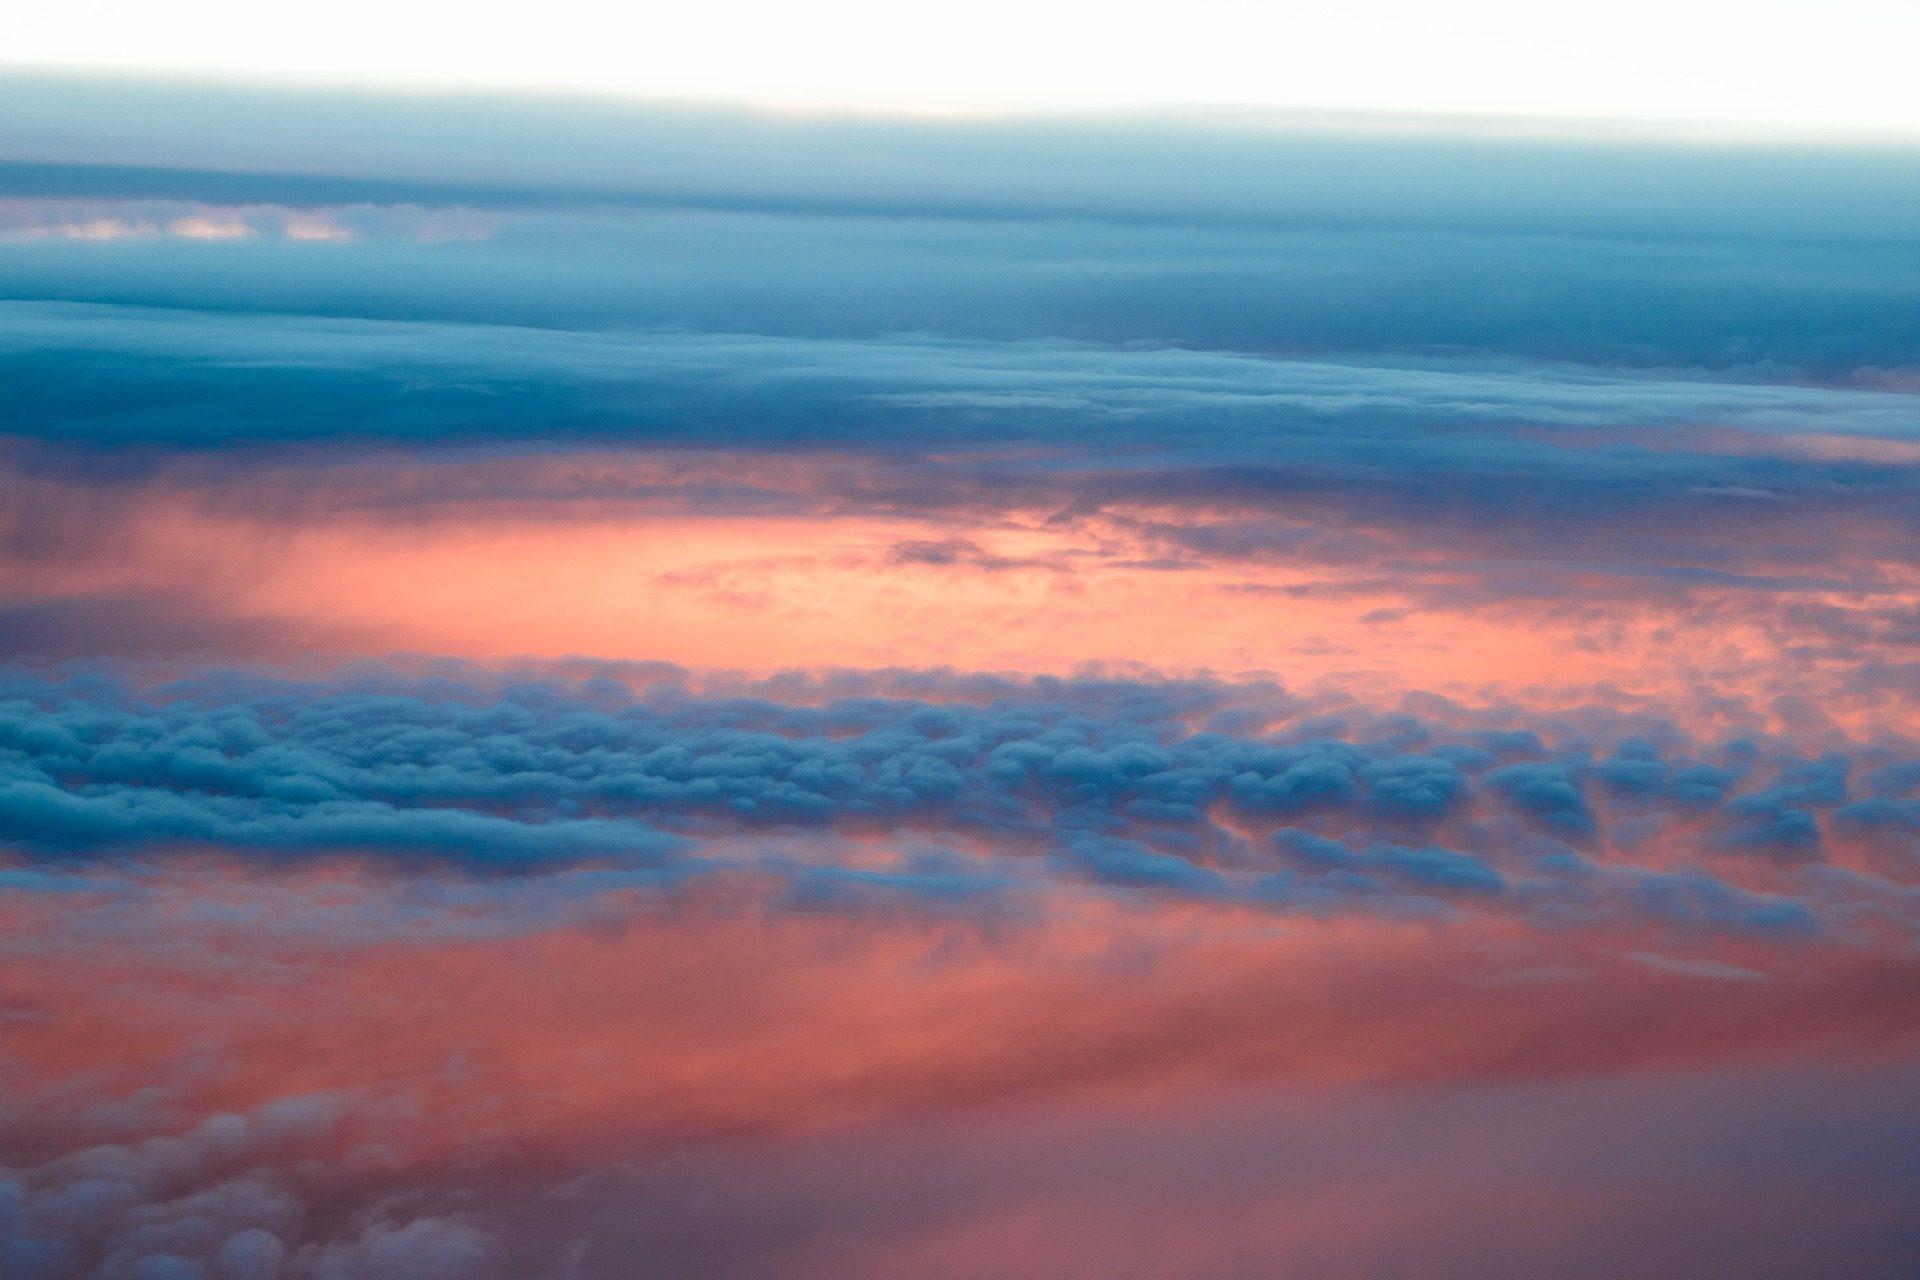 Cielo, nuvole, nuvoloso, cluster, colorato, Tramonto - Sfondi HD - Professor-falken.com